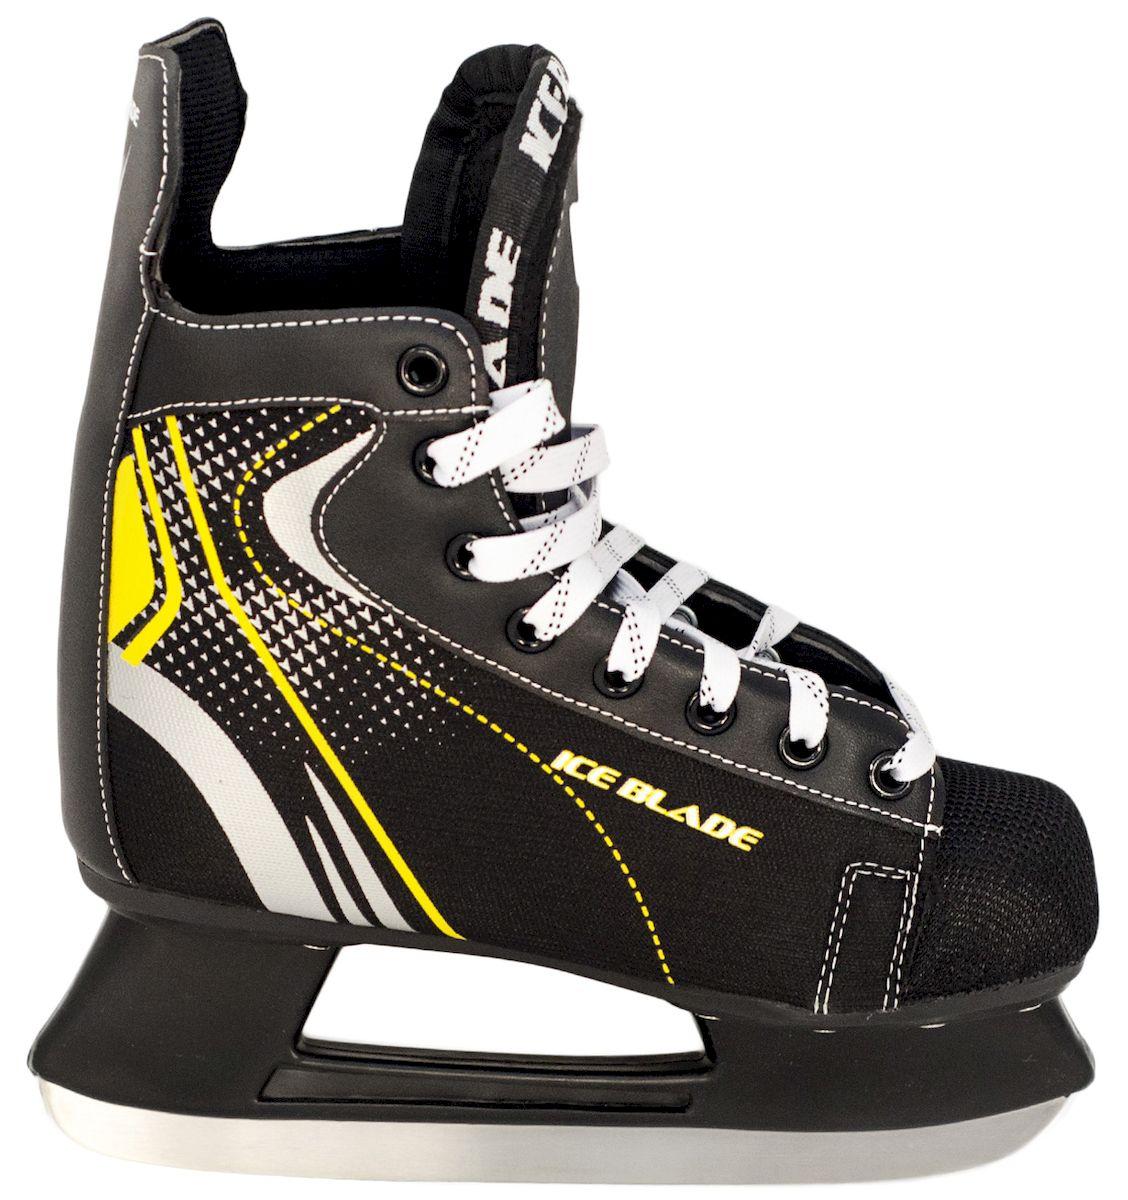 Коньки хоккейные Ice Blade Shark, цвет: черный, желтый. УТ-00006841. Размер 35УТ-00006841Коньки хоккейные Shark имеют модный яркий дизайн, поэтому данная модель очень популярна у любителей хоккея.Ботинок выполнен из искусственной кожи, высокопрочной нейлоновой ткани и ударостойкого пластика. Лезвие изготовлено из высокоуглеродистой стали с покрытием из никеля, что гарантирует прочность и долговечность. В качестве внутренней отделки используется вельветин с утеплителем. Коньки поставляются с заводской заточкой лезвия, что позволяет сразу приступить к катанию, не тратя время и денег на заточку. Коньки подходят для использования на открытом и закрытом льду.Удобная система фиксации ноги и улучшенная колодка сделают катание комфортным и безопасным.